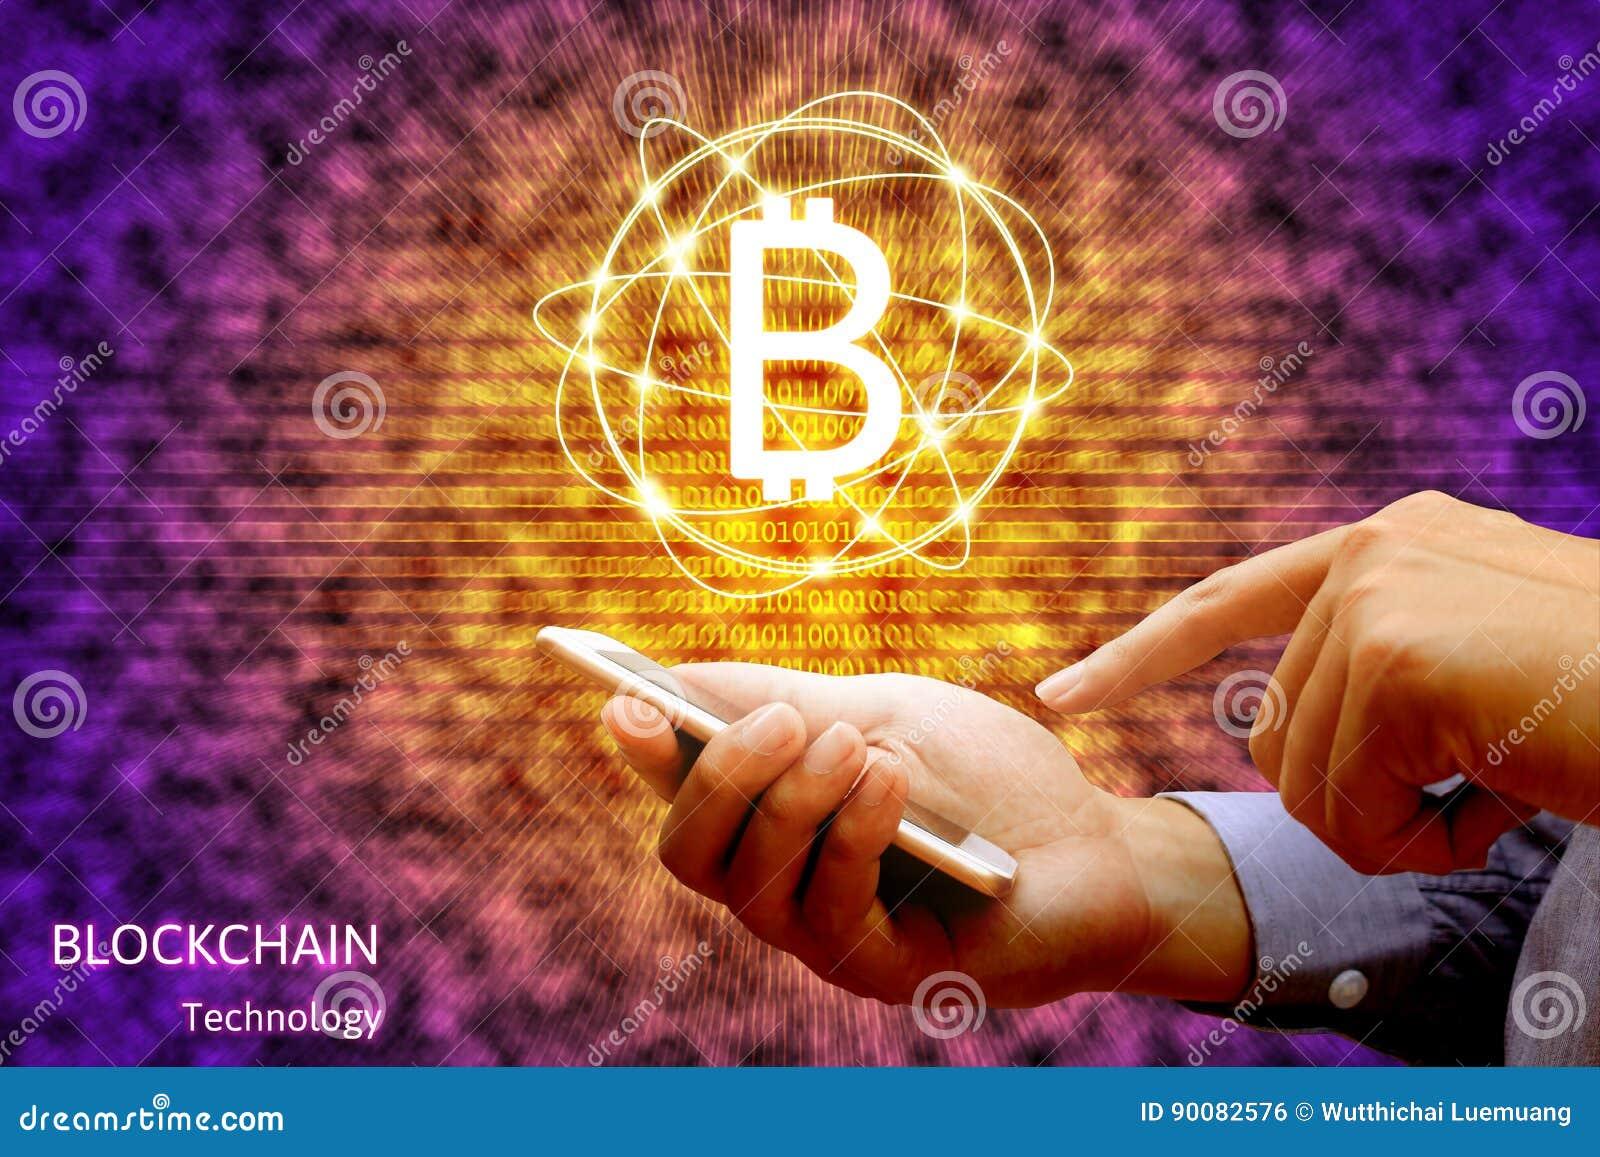 Blockchain-Technologiekonzept, Geschäftsmann, der Smartphone hält